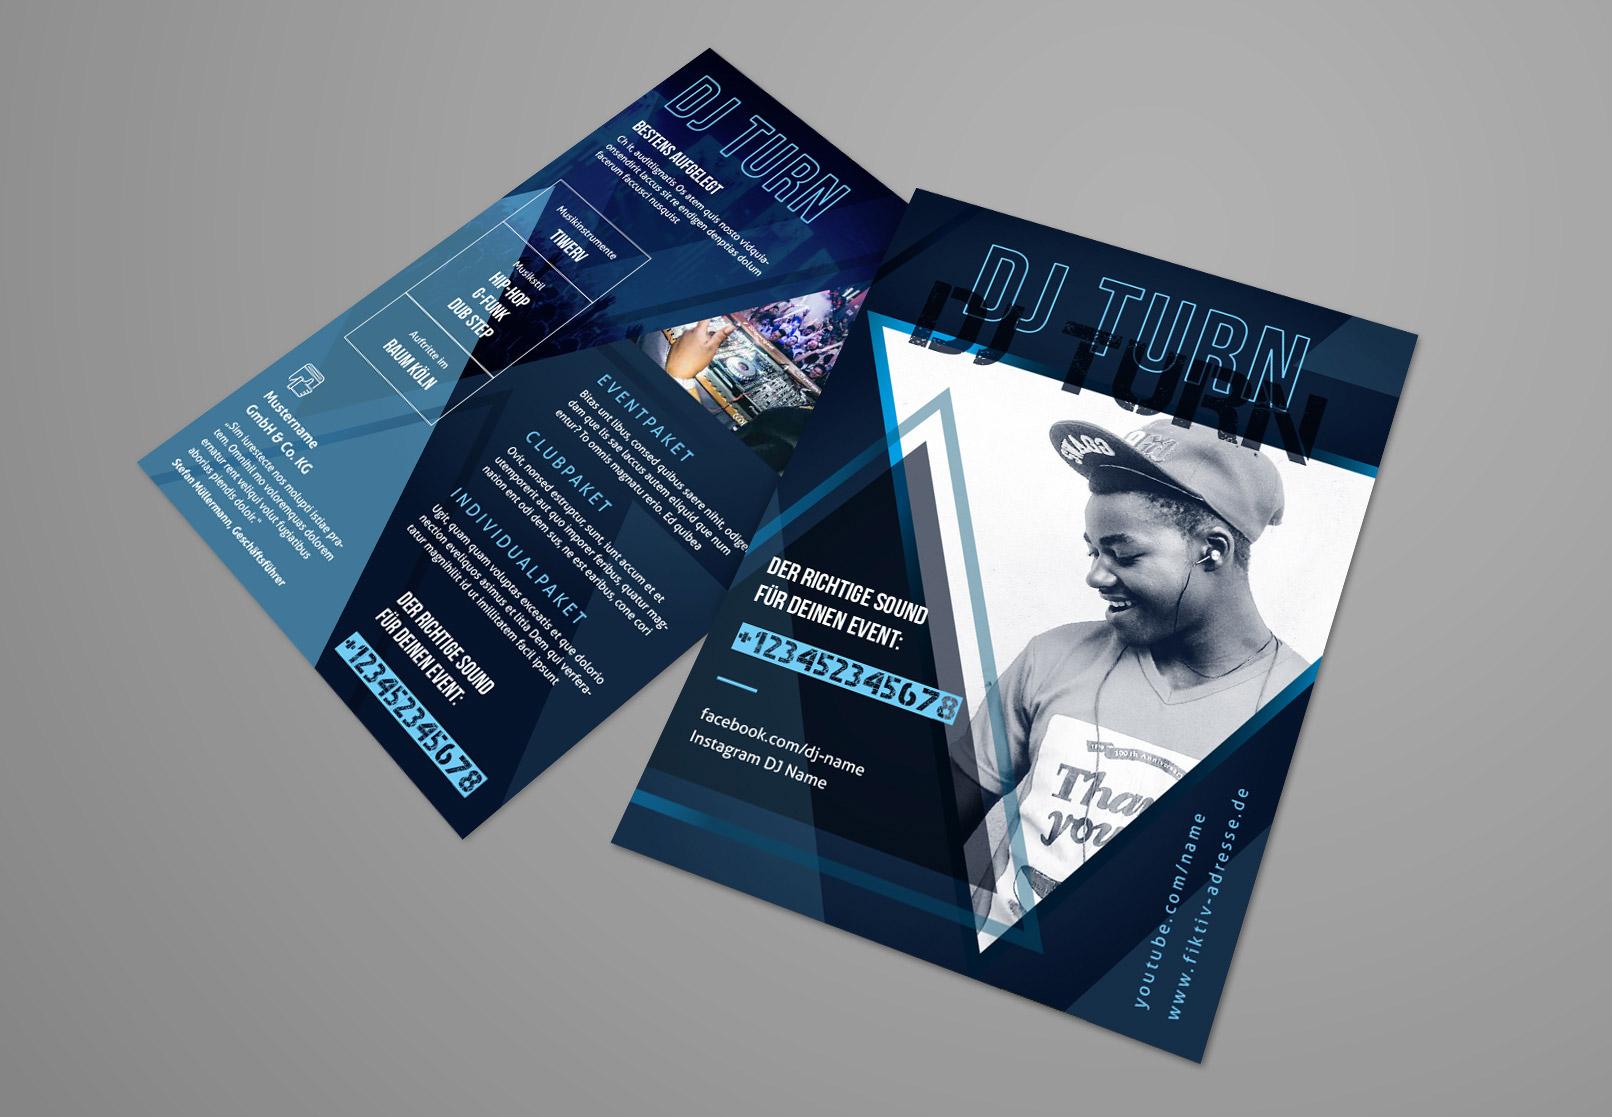 Vorlage zum Gestalten von Künstlerkarten, ausgelegt für DJs